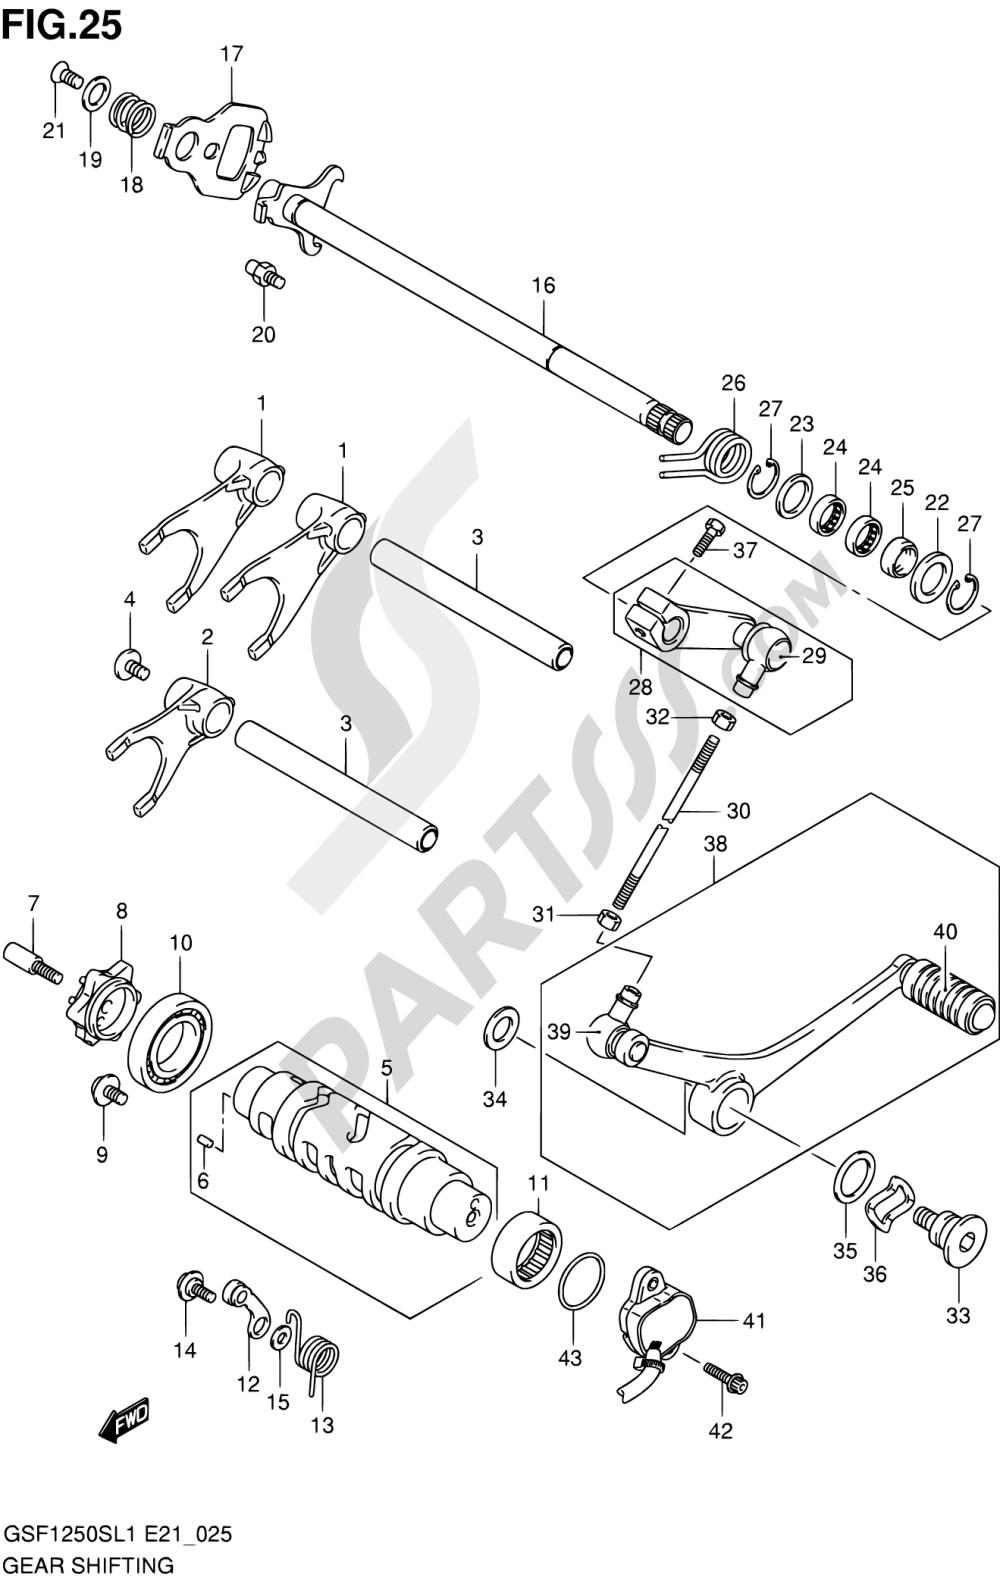 25 - GEAR SHIFTING Suzuki BANDIT GSF1250SA 2011